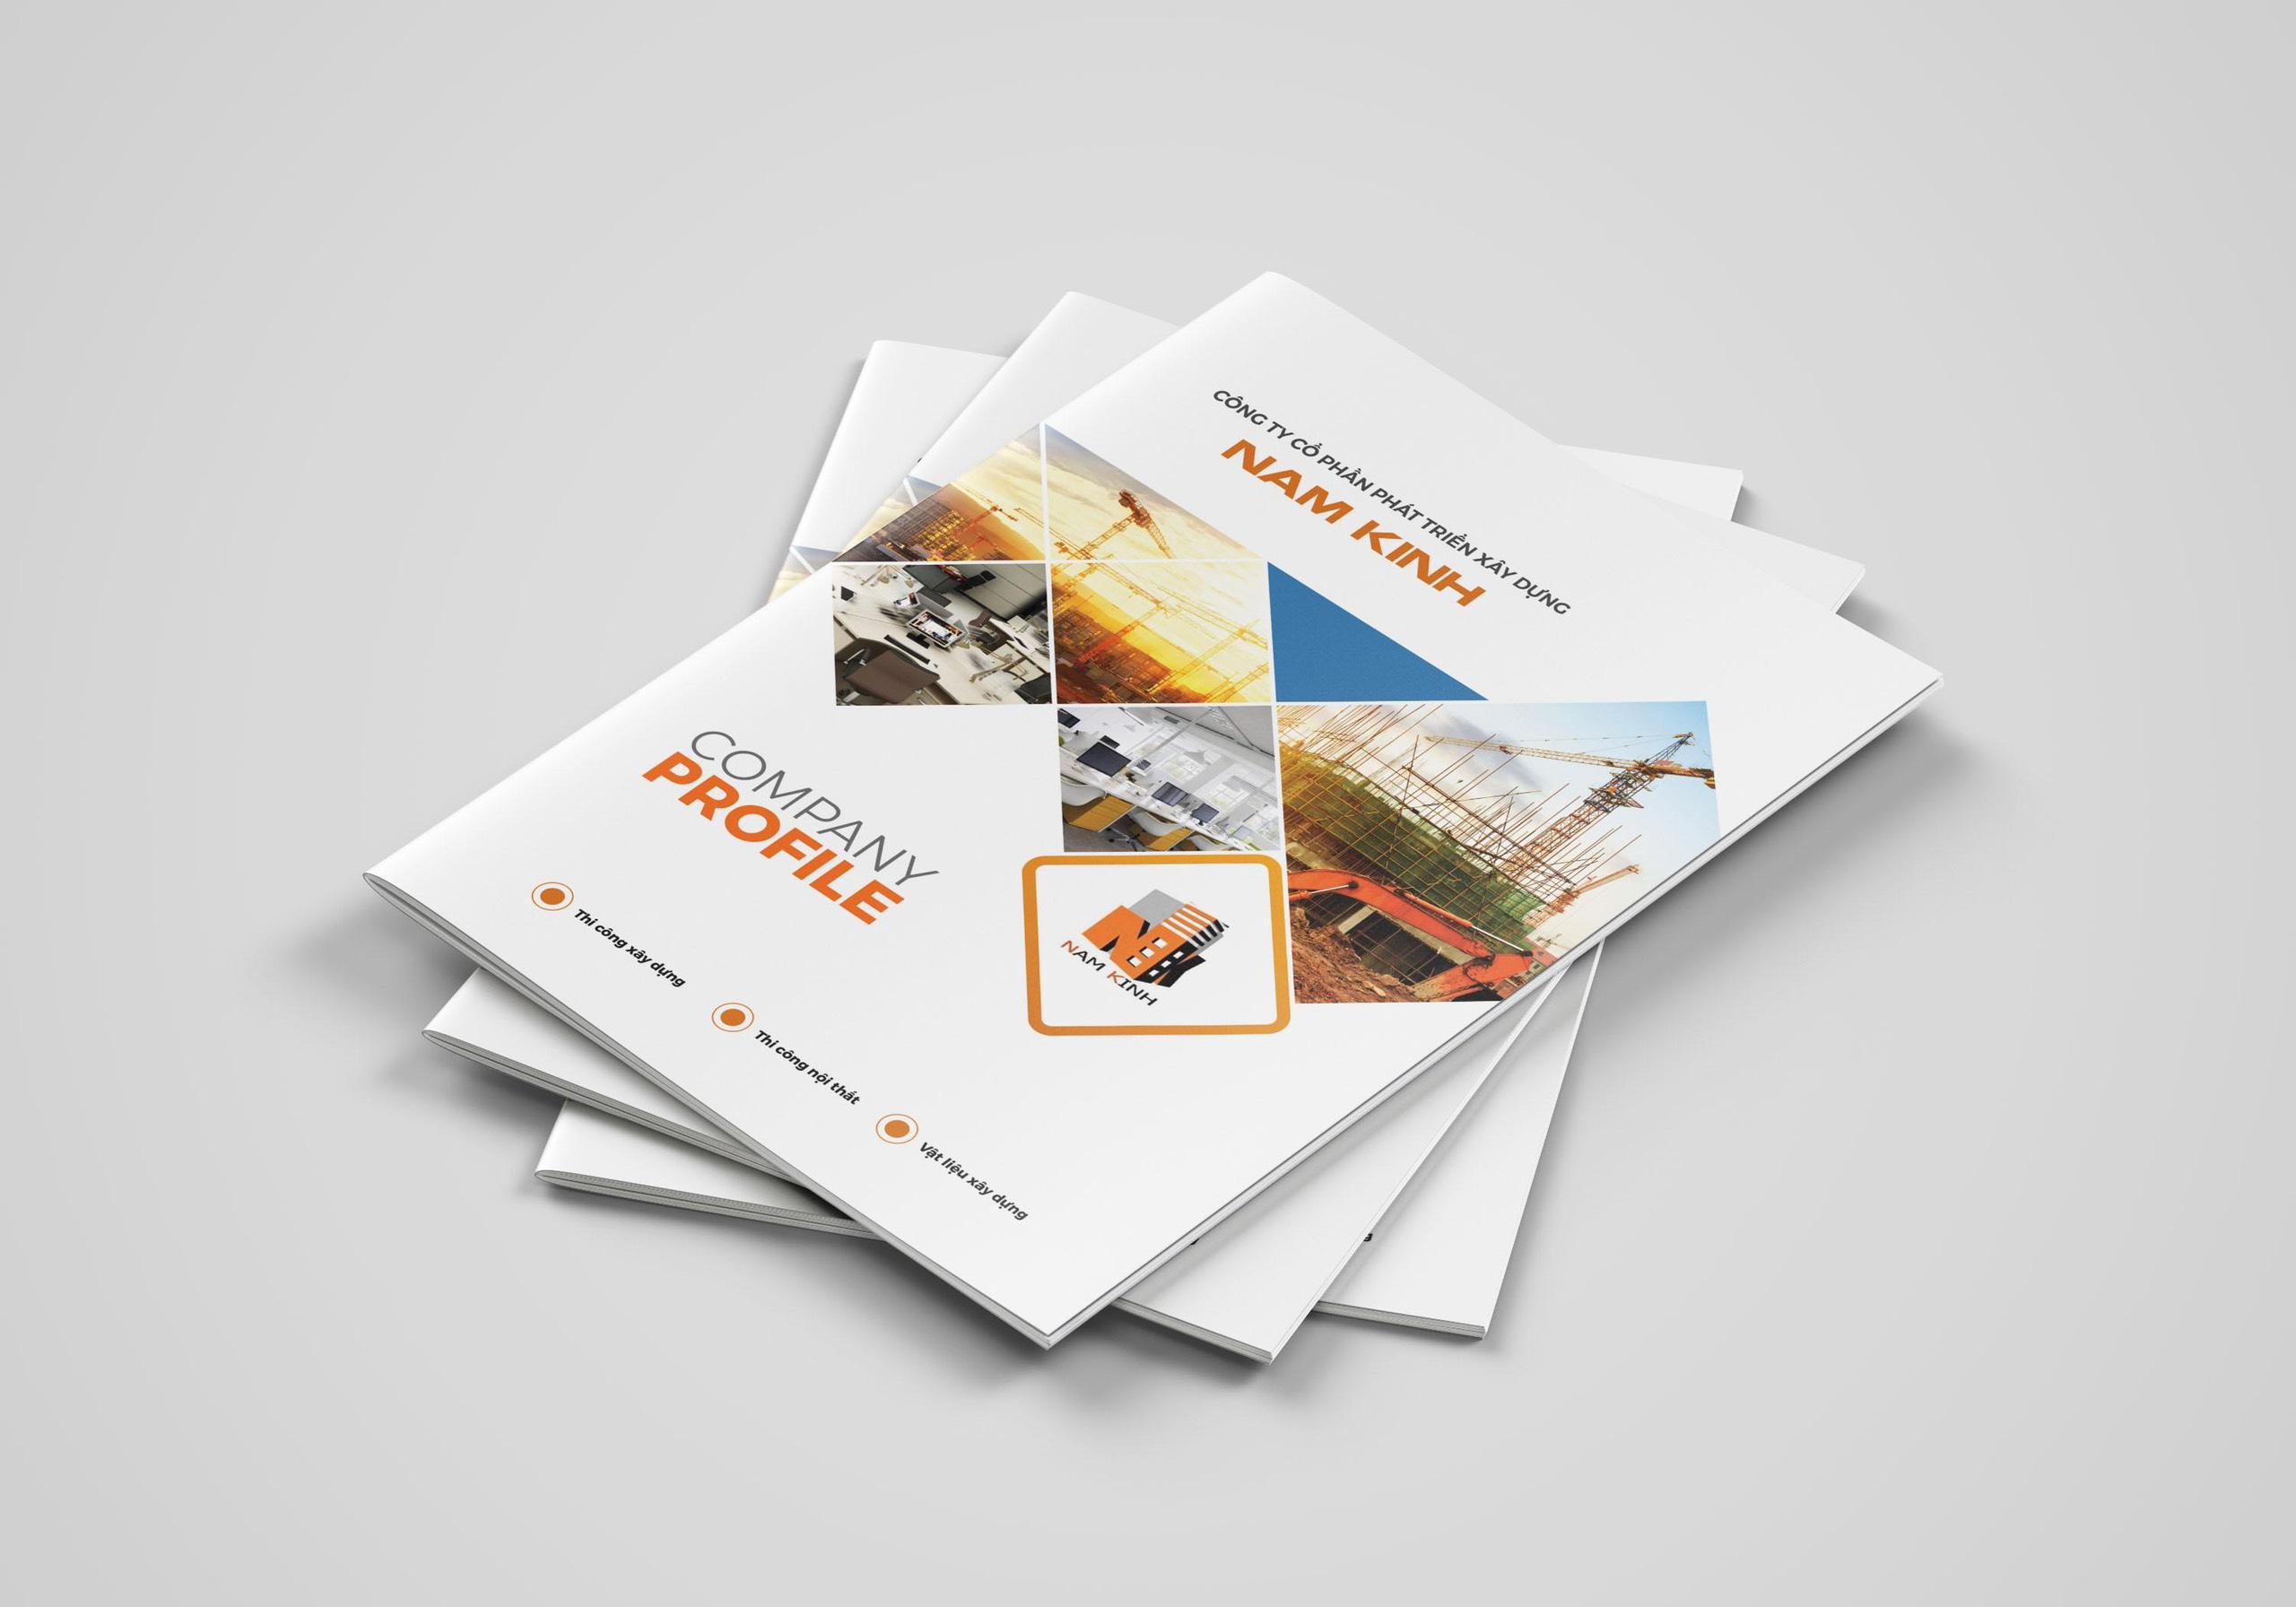 thiết kế hồ sơ năng lực 6